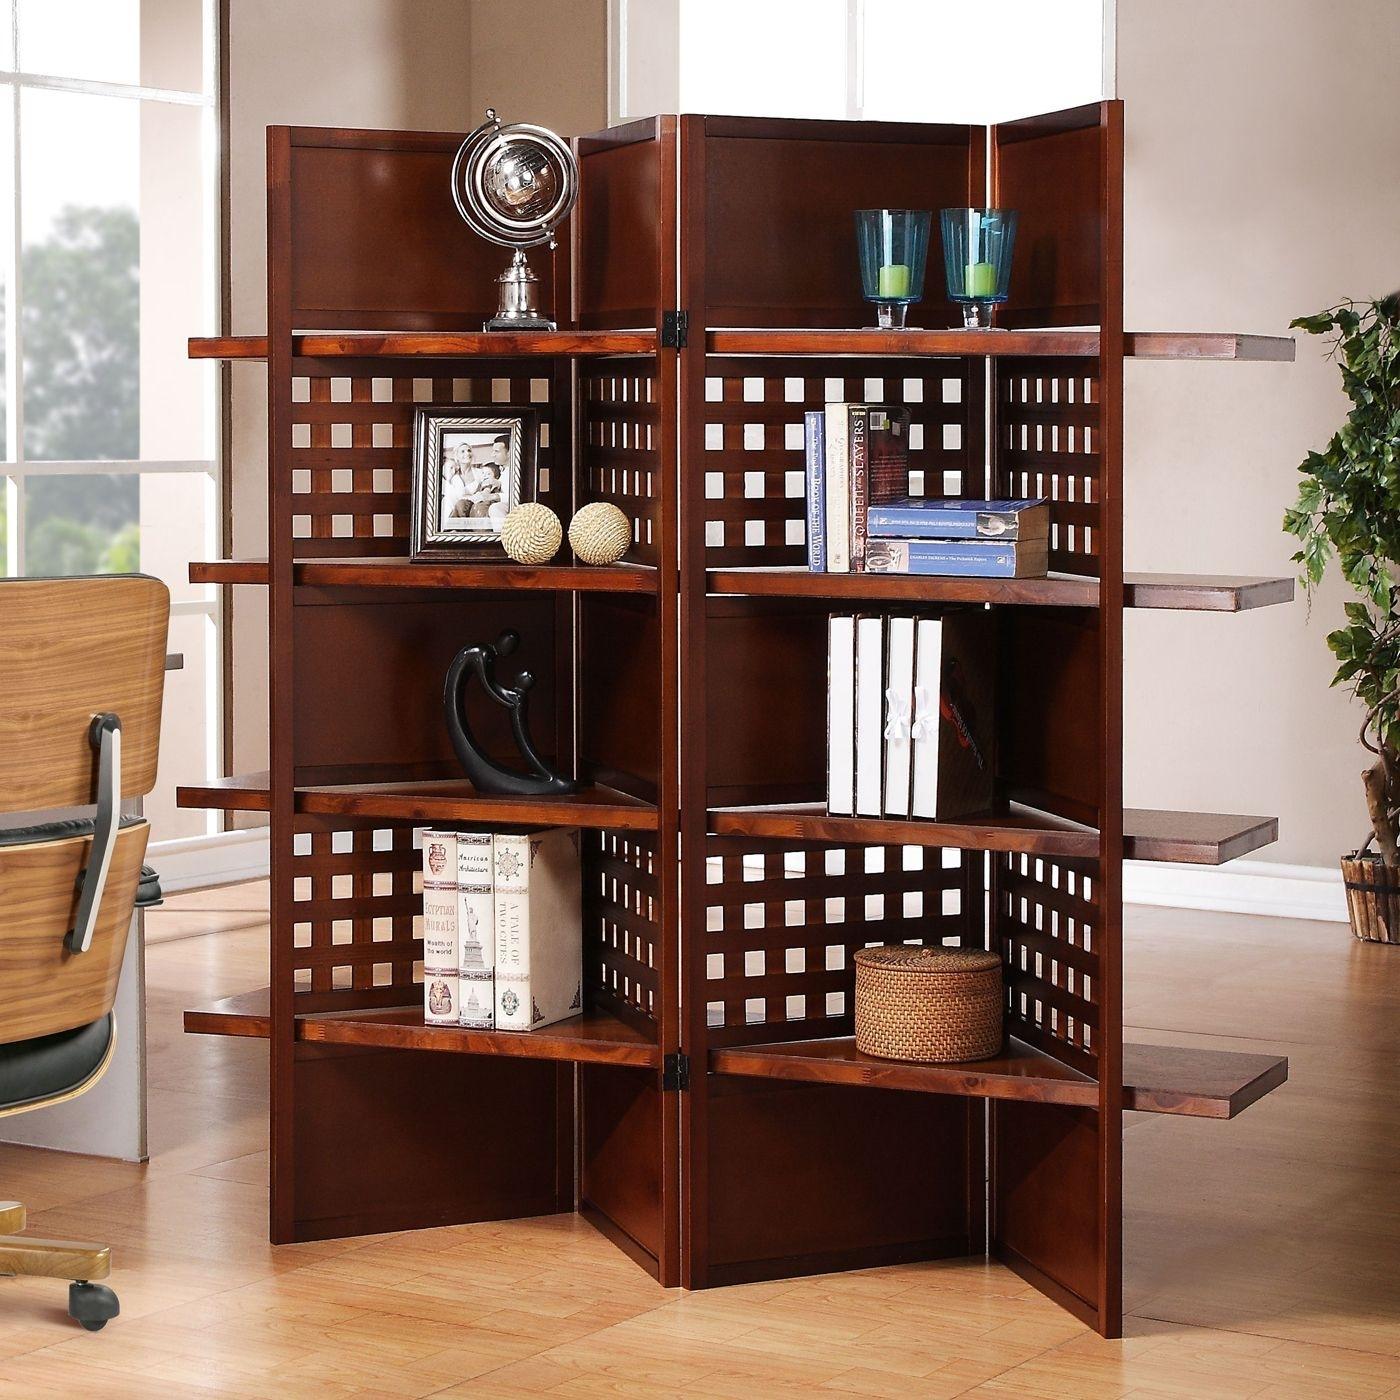 Solid Wood Room Divider Ideas On Foter